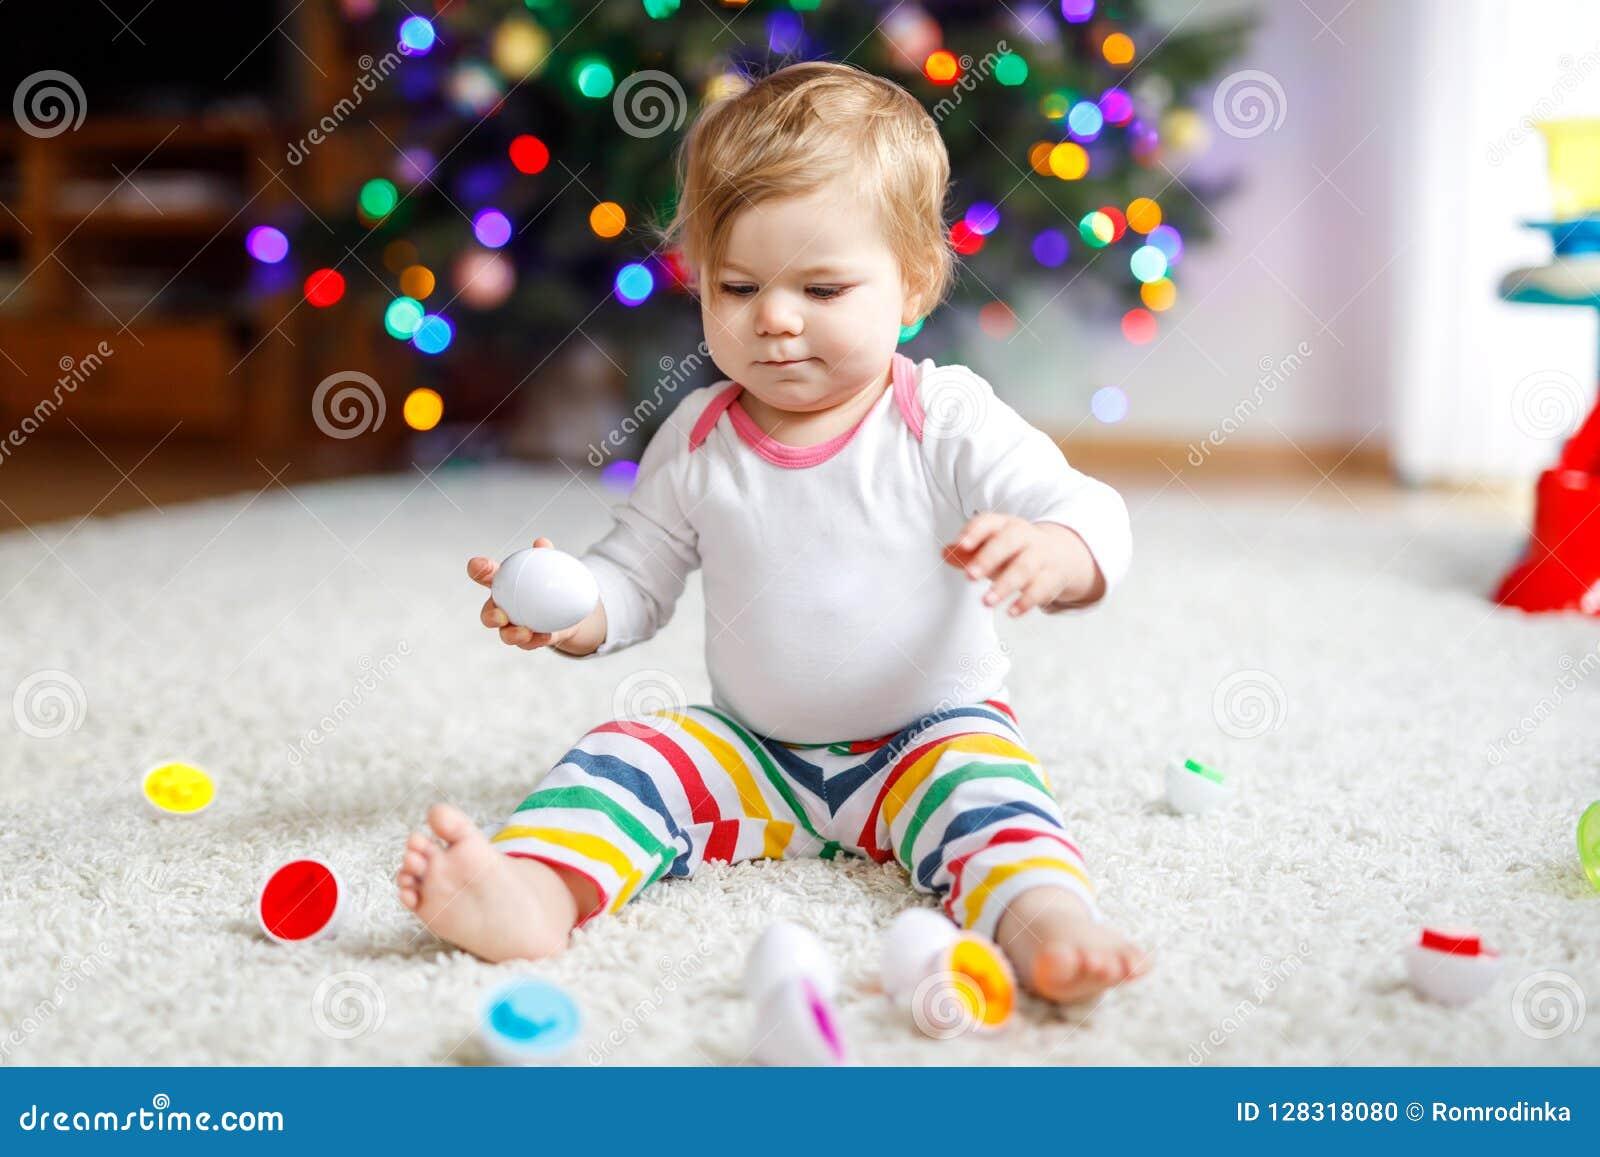 Urocza śliczna piękna mała dziewczynka bawić się z edukacyjną kolorową kształt brakarki zabawką